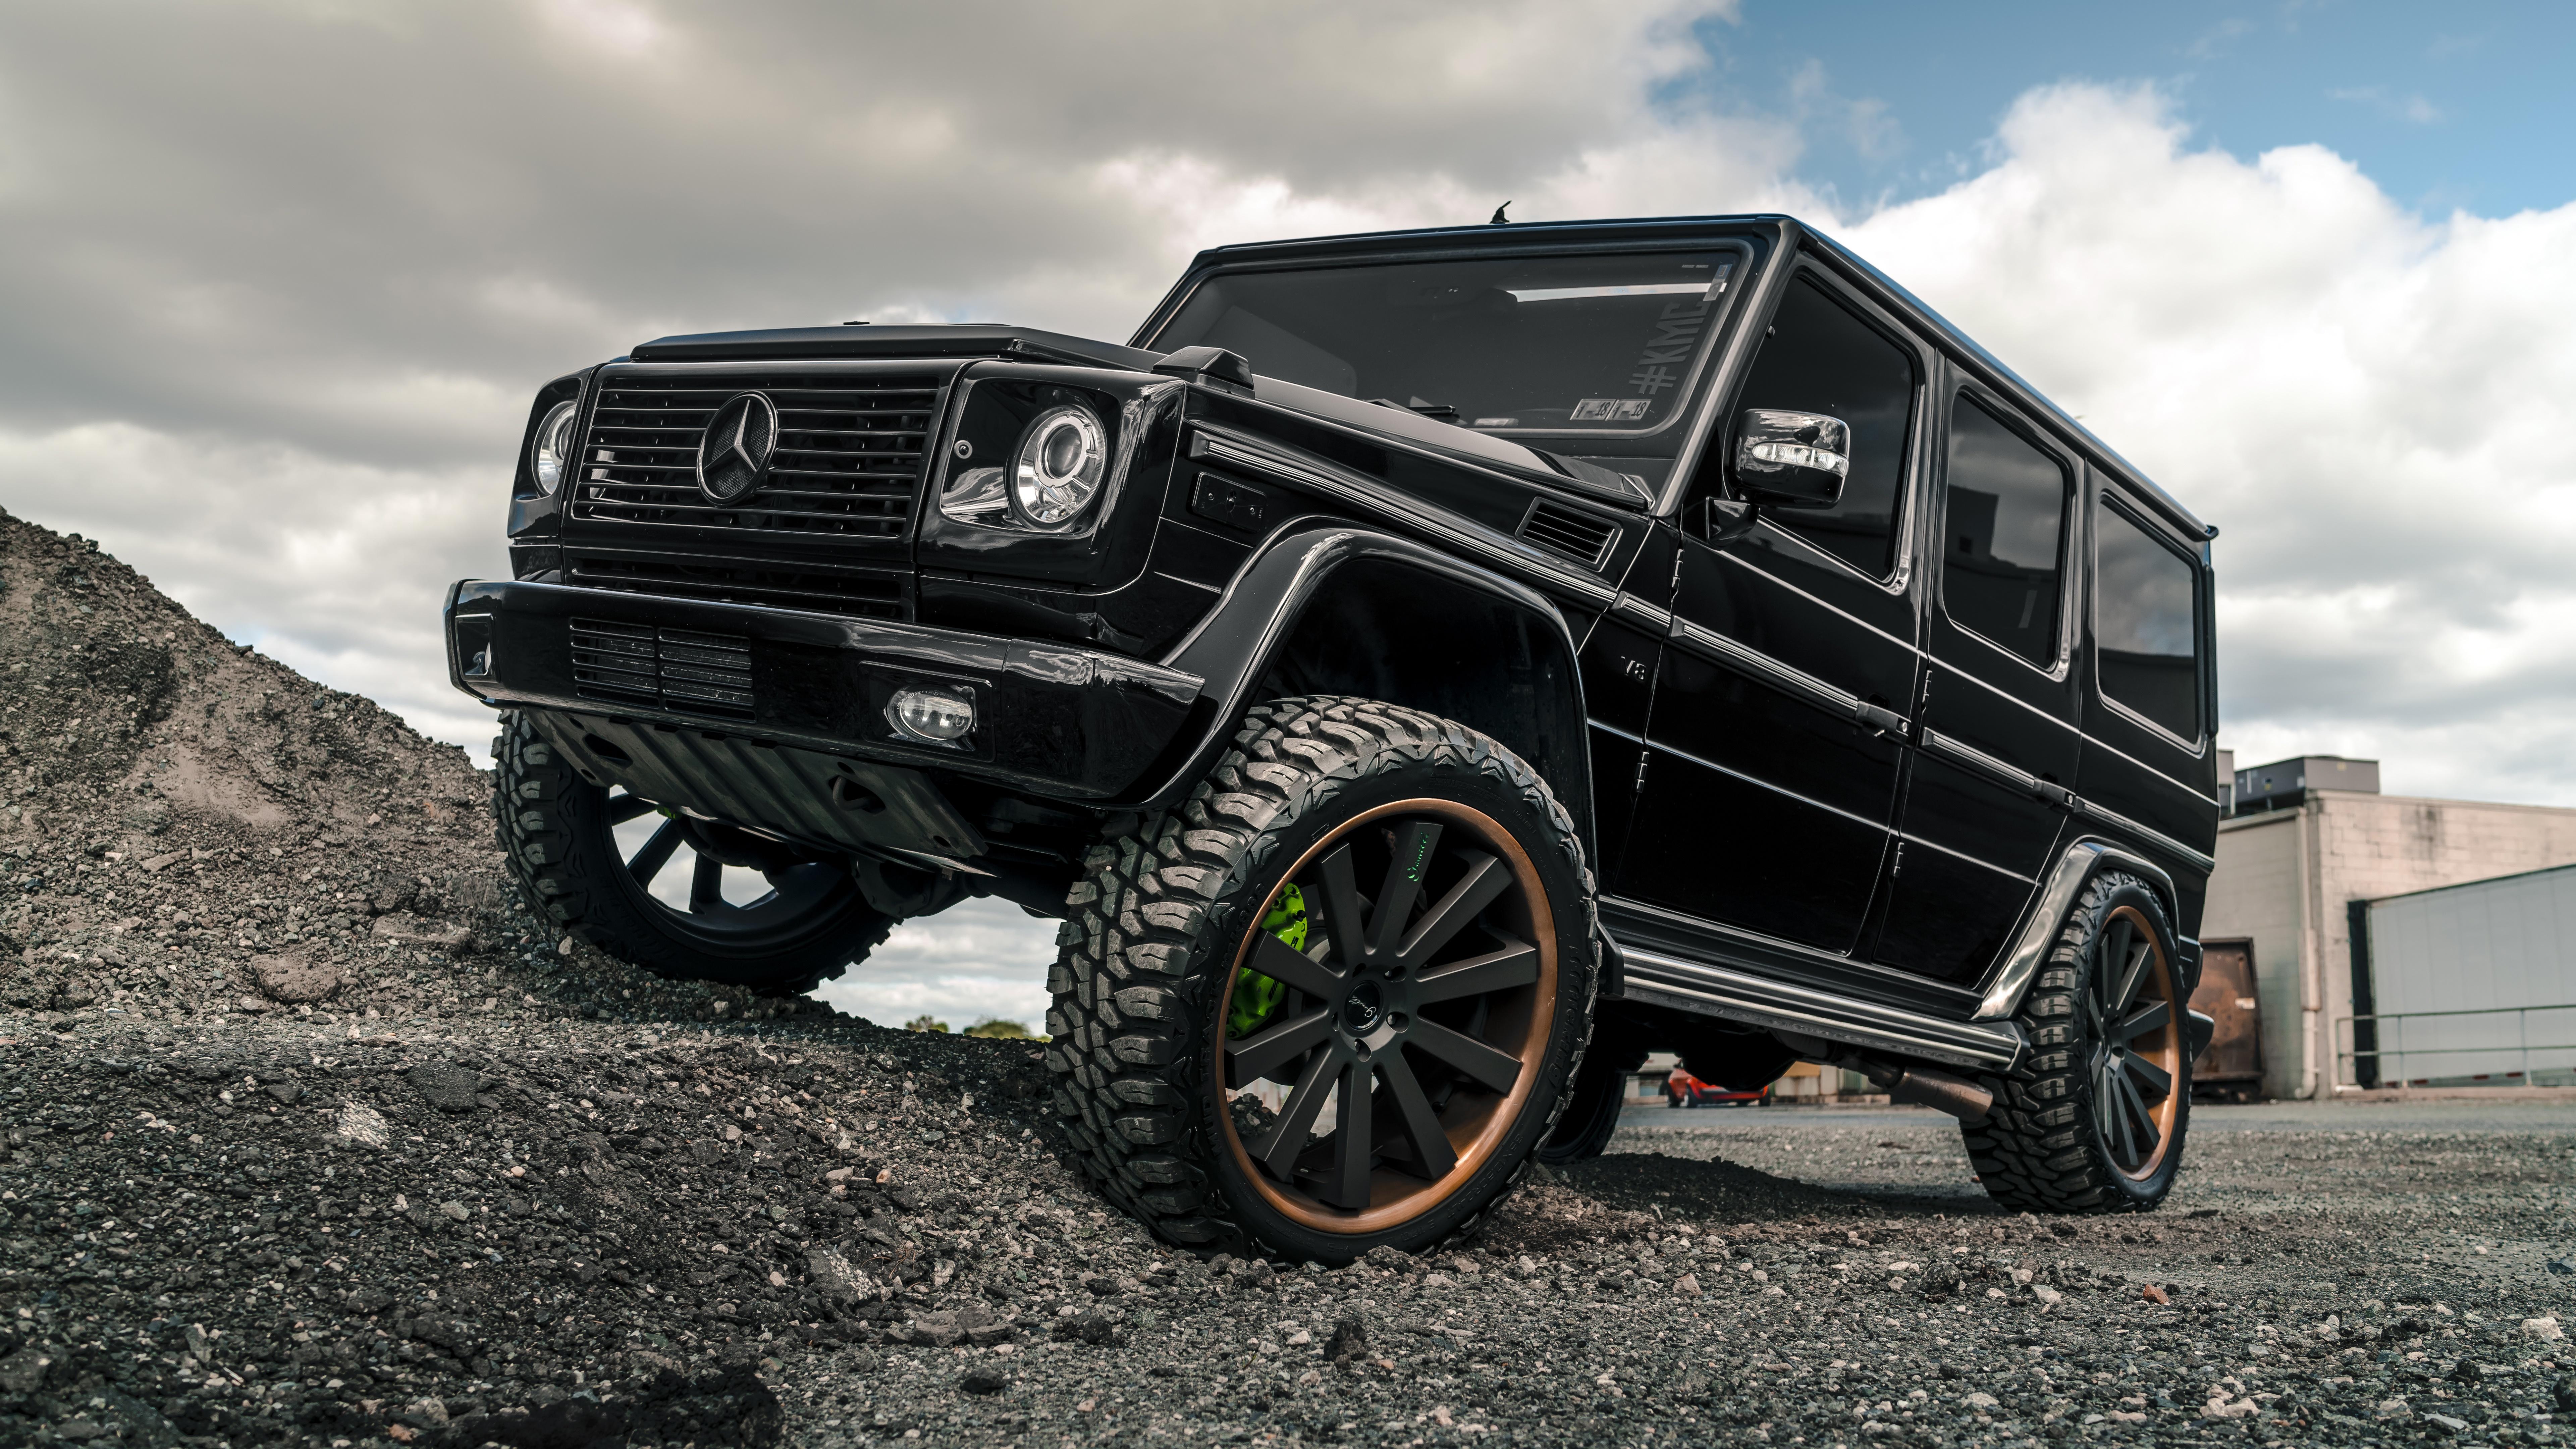 Mercedes-Benz G-Class wallpaper - backiee